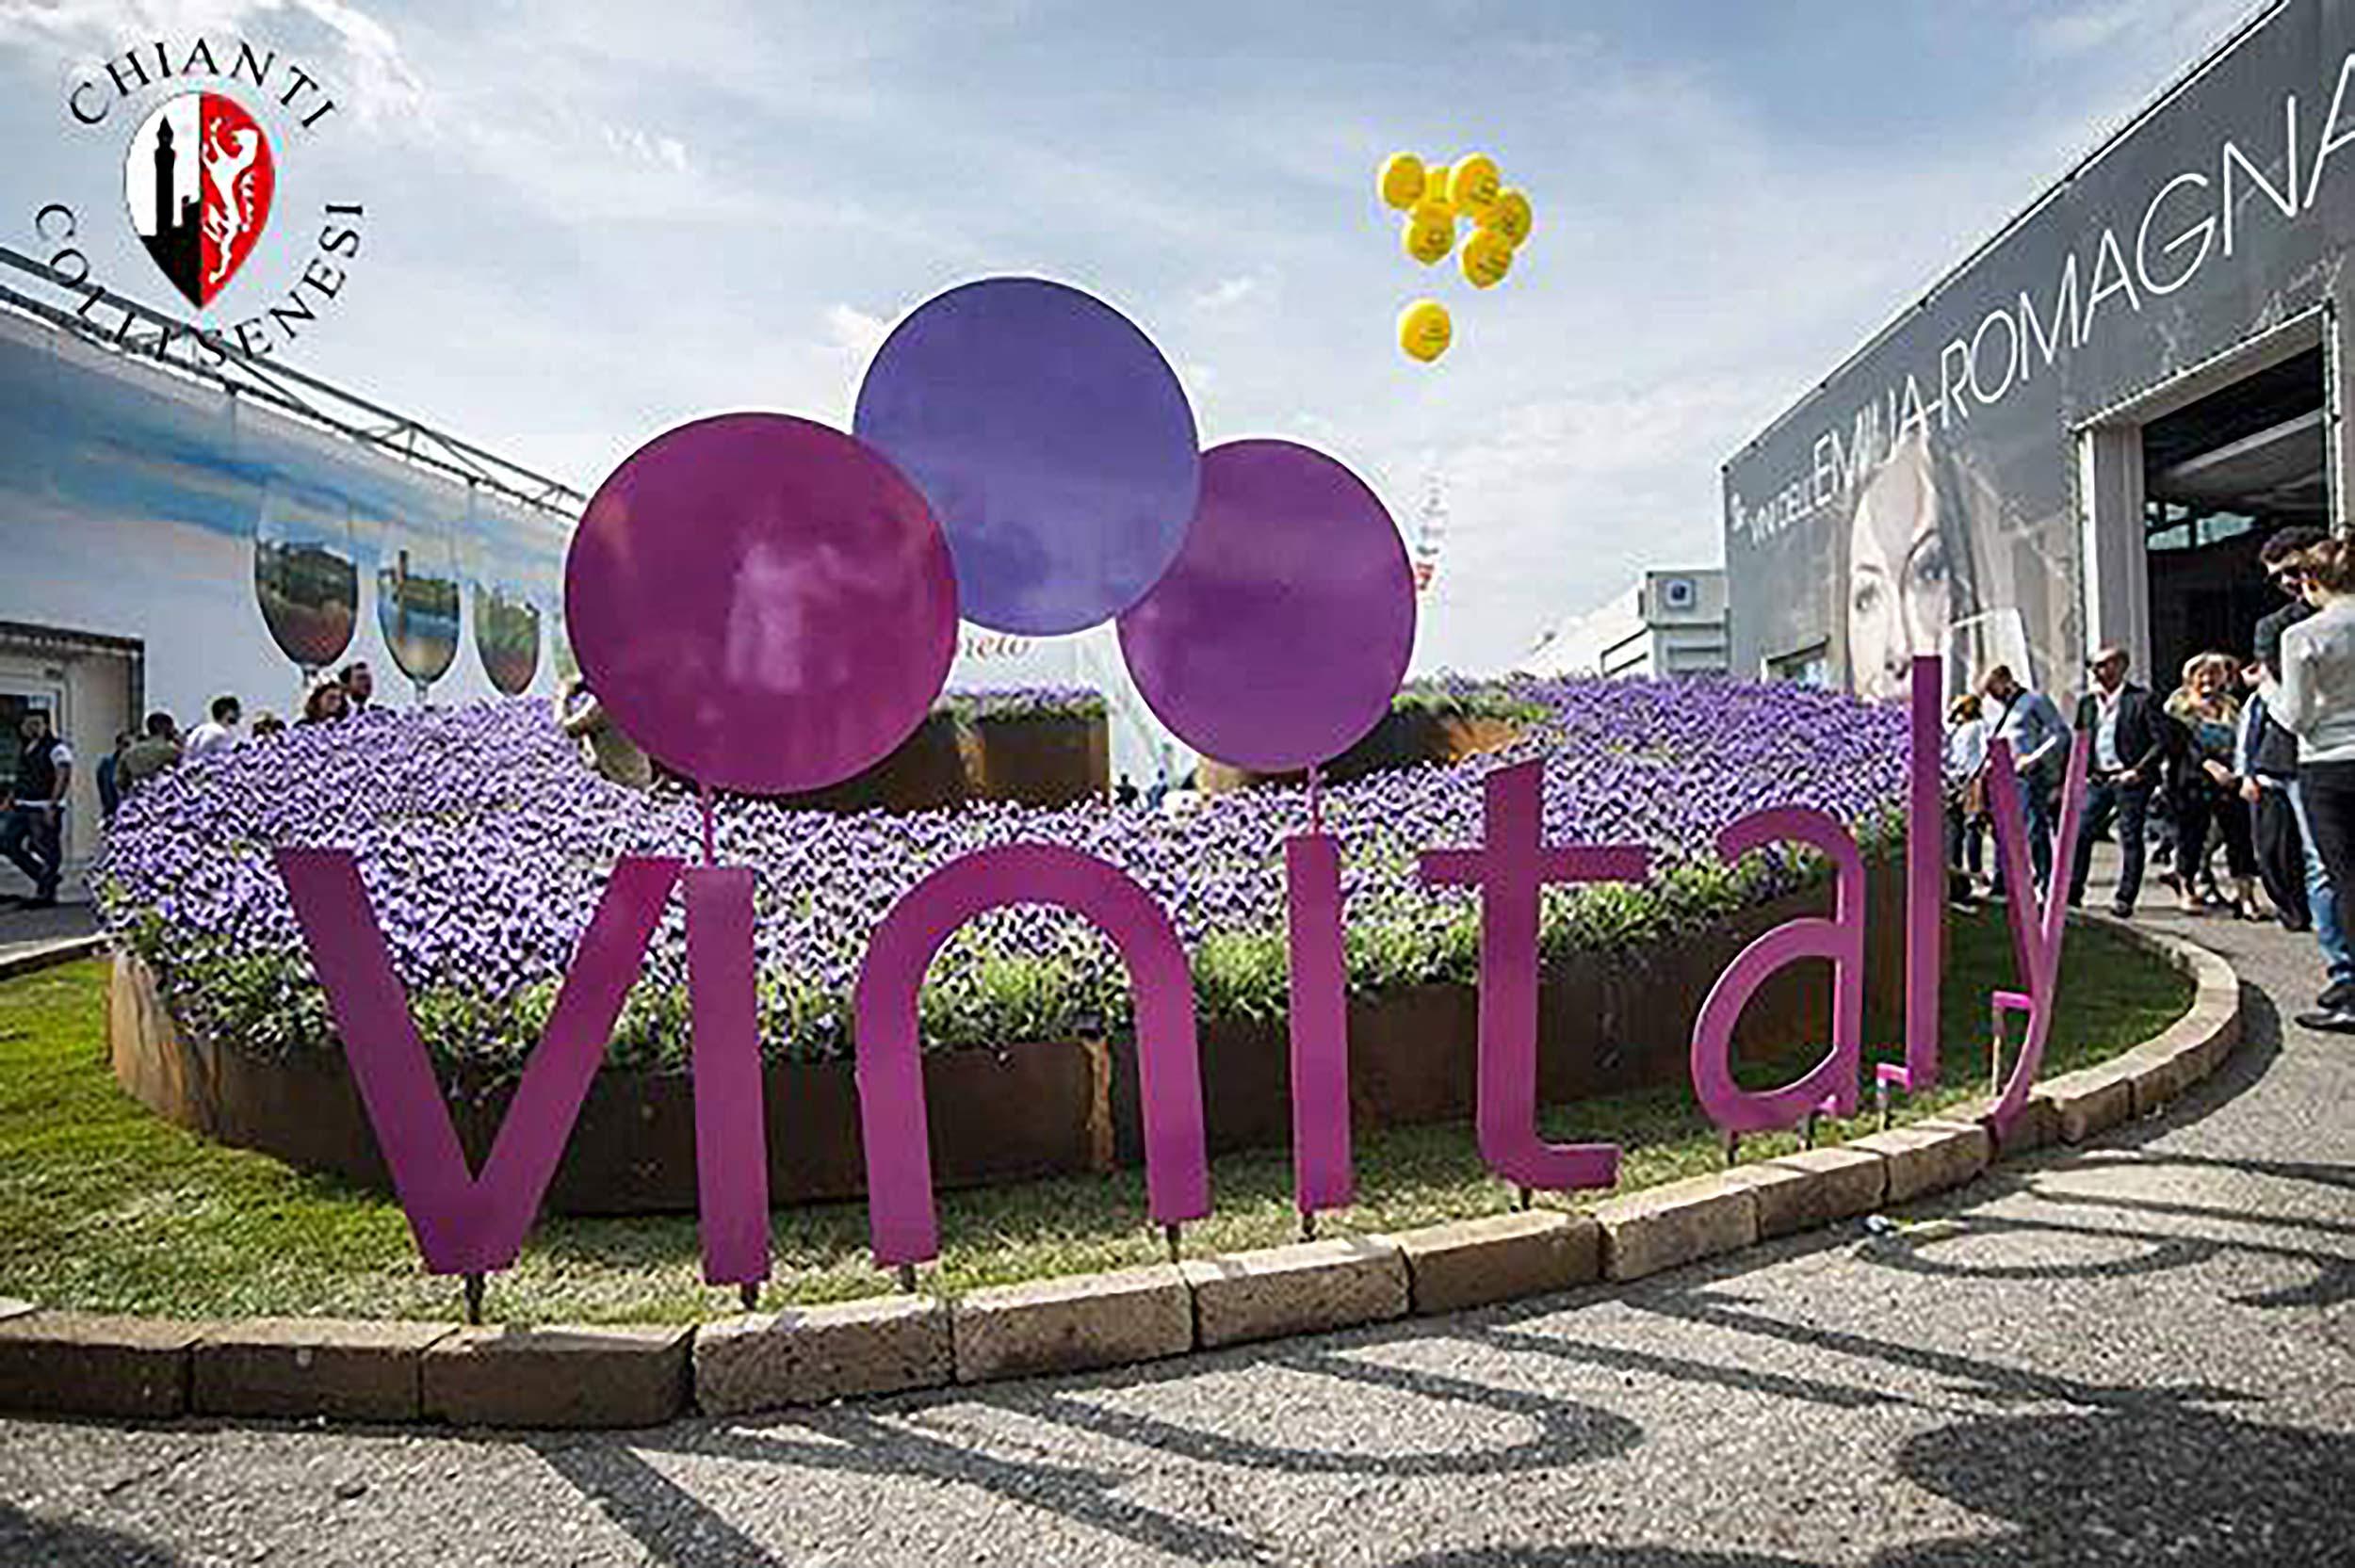 Concluso il 51esimo Vinitaly per Consorzio Chianti Colli Senesi | Aprile 2017